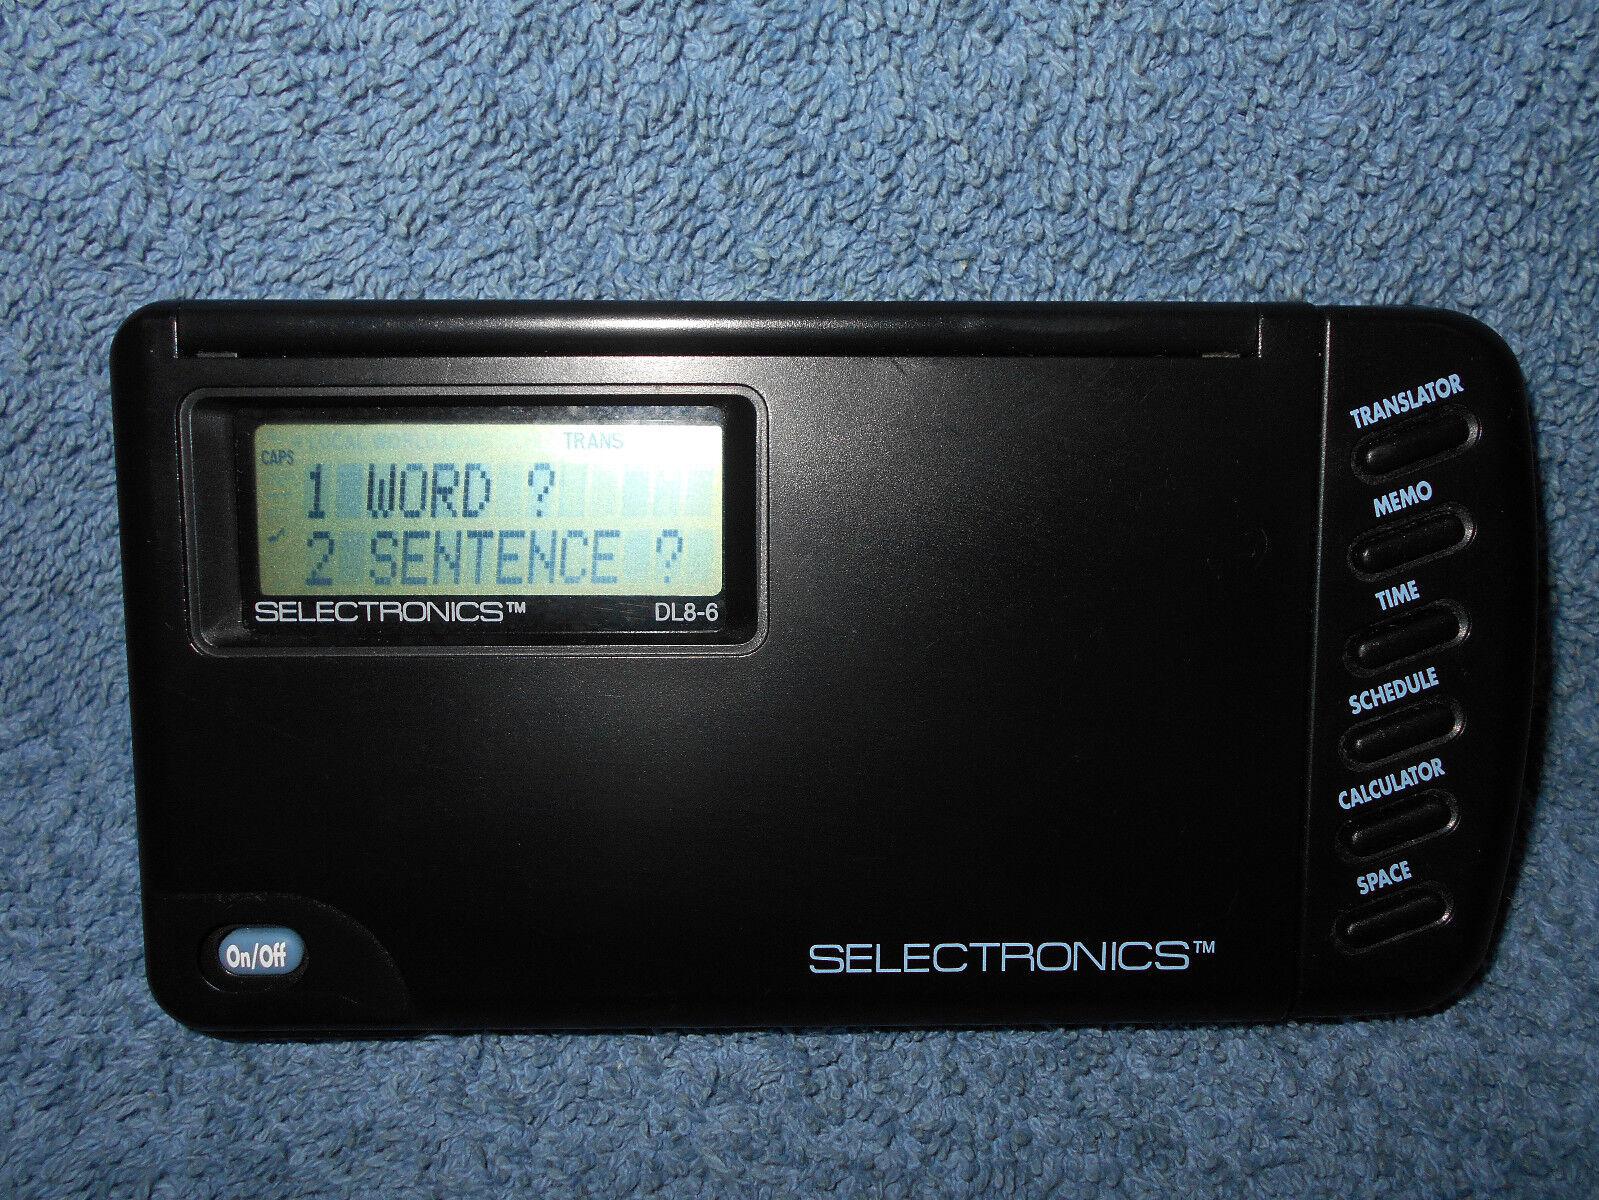 SELECTRONICS DL8-6 ELECTRONIC 6 LANGUAGE TRANSLATOR / DATABANK ORGANIZER - NICE